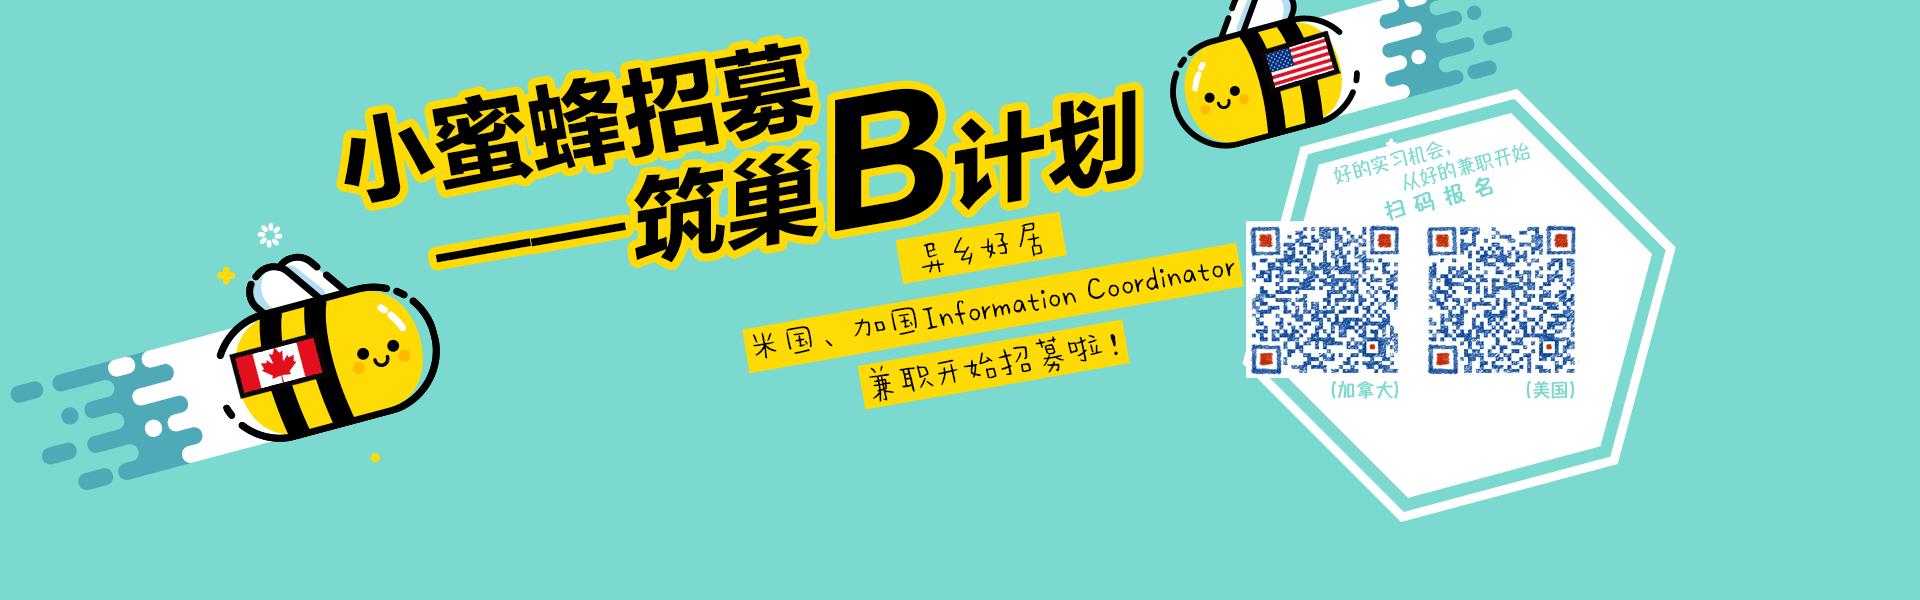 小蜜蜂招募——筑巢B计划!